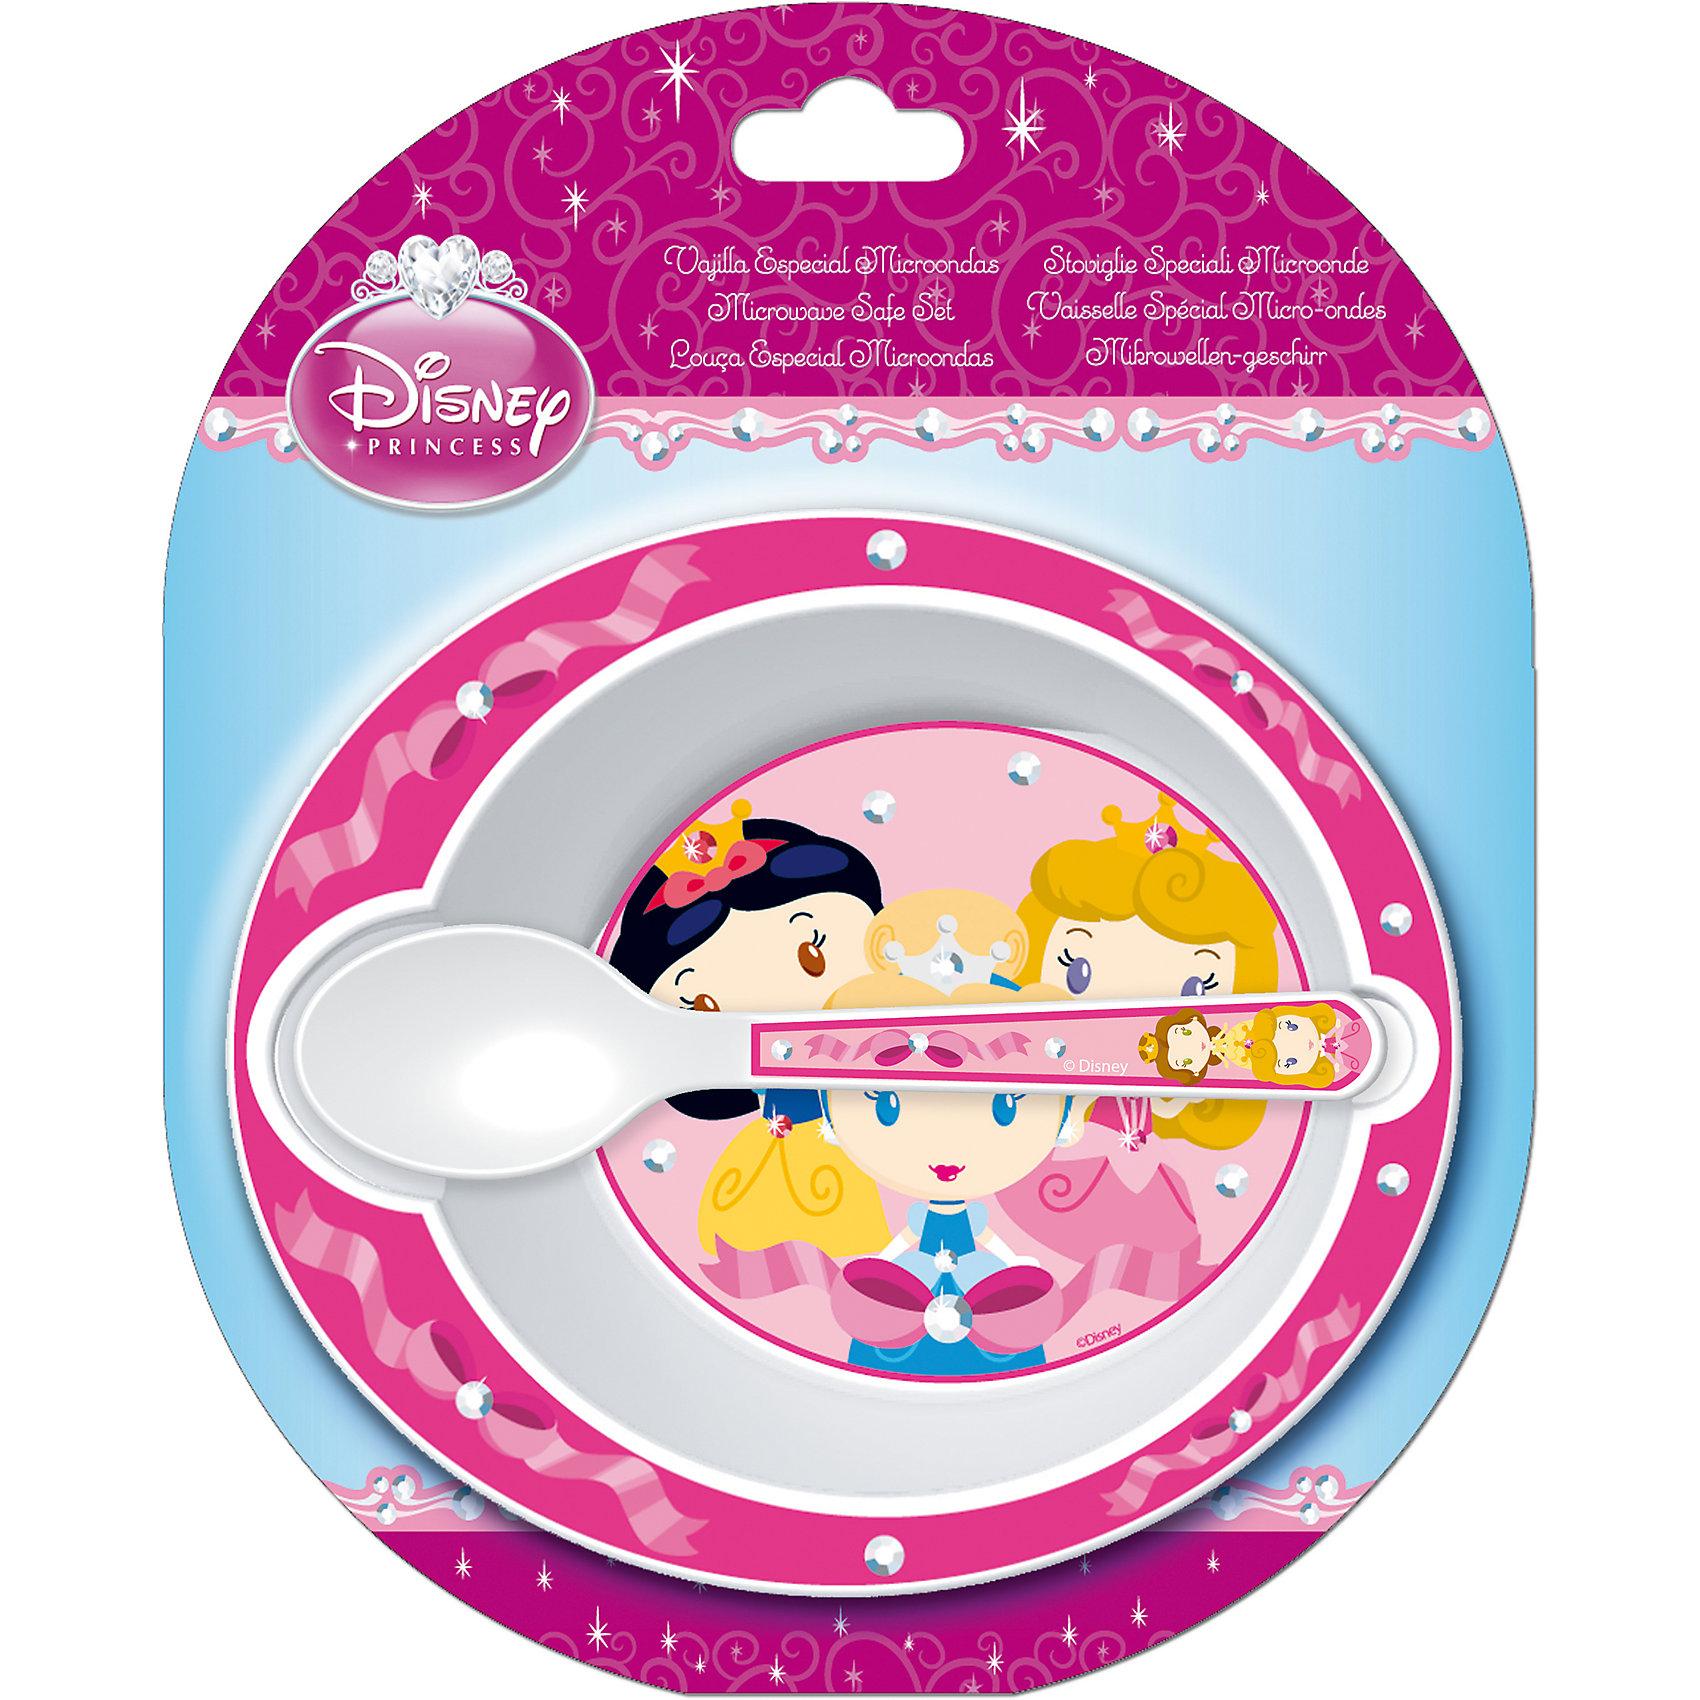 Набор посуды для СВЧ (миска + ложка), ПринцессыПринцессы Дисней<br>Набор посуды для СВЧ (миска + ложка), Принцессы - посуда с изображением Диснеевских принцесс порадует вашу девочку.<br>Набор детской посуды Принцессы состоит из миски и ложки. Посуда оформлена изображением принцесс. Ваша малышка с удовольствием будет кушать вместе с любимыми героинями. Посуда изготовлена из термостойкого пищевого пластика, пригодного для использования в микроволновых СВЧ-печах.<br><br>Дополнительная информация:<br><br>- В наборе: миска, ложка<br>- Материал: пищевой пластик<br>- Размер упаковки: 17,5 х 5 х 20,5 см.<br>- Вес: 86 гр.<br><br>Набор посуды для СВЧ (миска + ложка), Принцессы можно купить в нашем интернет-магазине.<br><br>Ширина мм: 175<br>Глубина мм: 50<br>Высота мм: 205<br>Вес г: 86<br>Возраст от месяцев: 36<br>Возраст до месяцев: 144<br>Пол: Женский<br>Возраст: Детский<br>SKU: 4676427